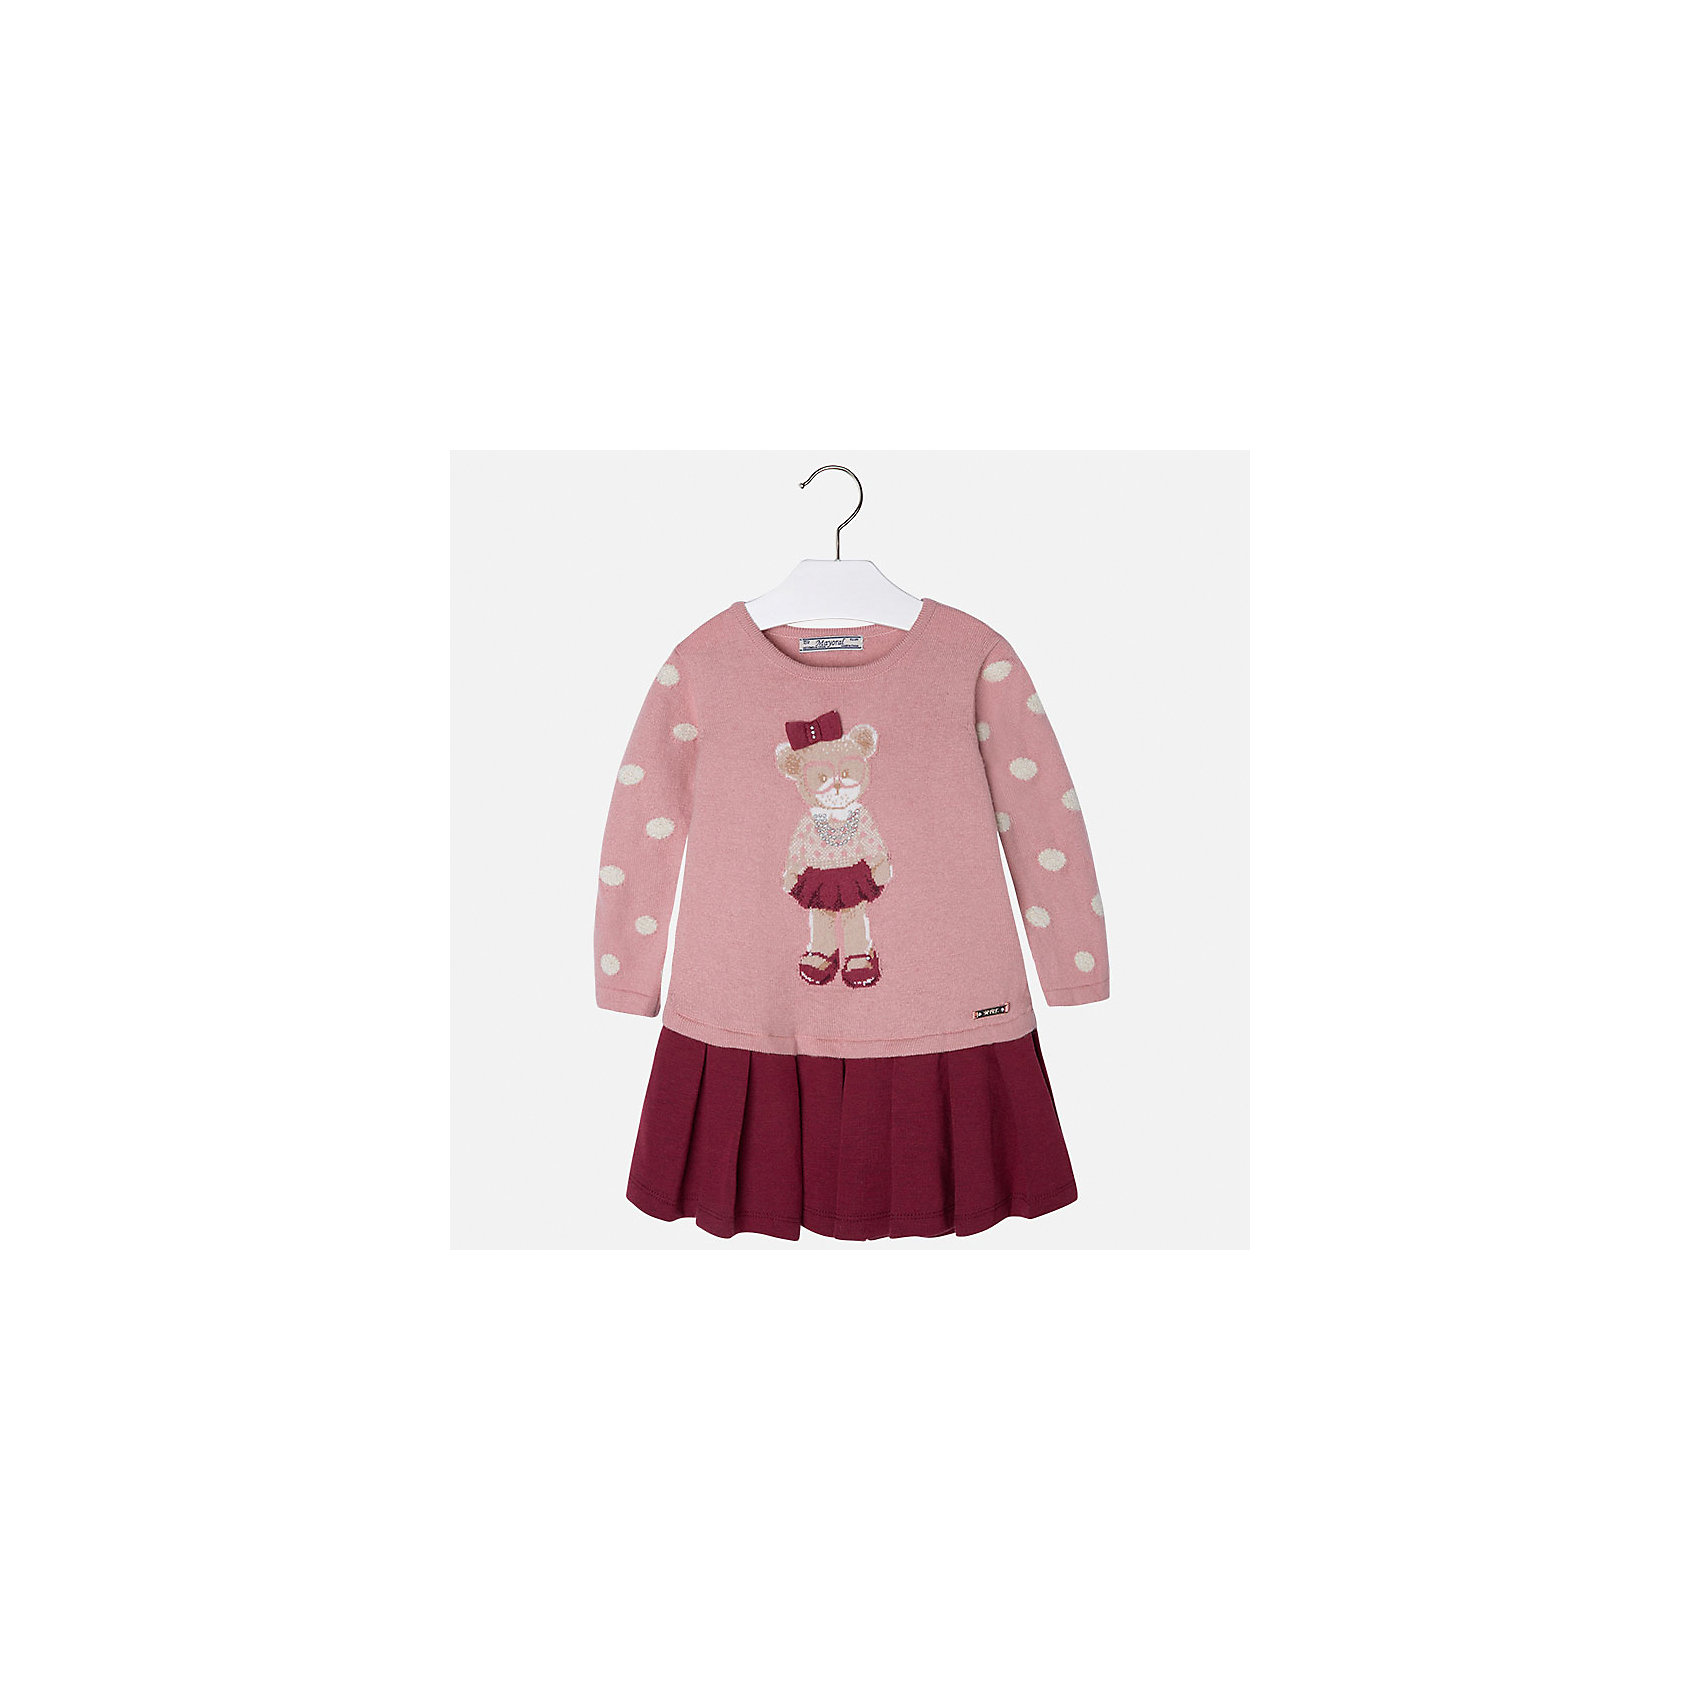 Платье для девочки MayoralПлатье для девочки от известного испанского бренда Mayoral(майорал). Платье с длинным рукавом, украшено рисунком с медвежонком и стразами. Контрастная расцветка подчеркнет индивидуальность и стиль ребенка. Отличный выбор для маленькой модницы!<br>-длинные рукава<br>-украшено рисунком и стразами<br>-цвет: розовый/красный<br>-состав. 57% хлопок, 22% полиамид, 13% полиэстер, 8% шерсть; подкладка: 65% полиэстер, 35% хлопок<br>Платье Mayoral(Майорал) можно приобрести в нашем интернет-магазине.<br><br>Ширина мм: 236<br>Глубина мм: 16<br>Высота мм: 184<br>Вес г: 177<br>Цвет: розовый<br>Возраст от месяцев: 36<br>Возраст до месяцев: 48<br>Пол: Женский<br>Возраст: Детский<br>Размер: 104,134,128,110,98,116,92,122<br>SKU: 4844450